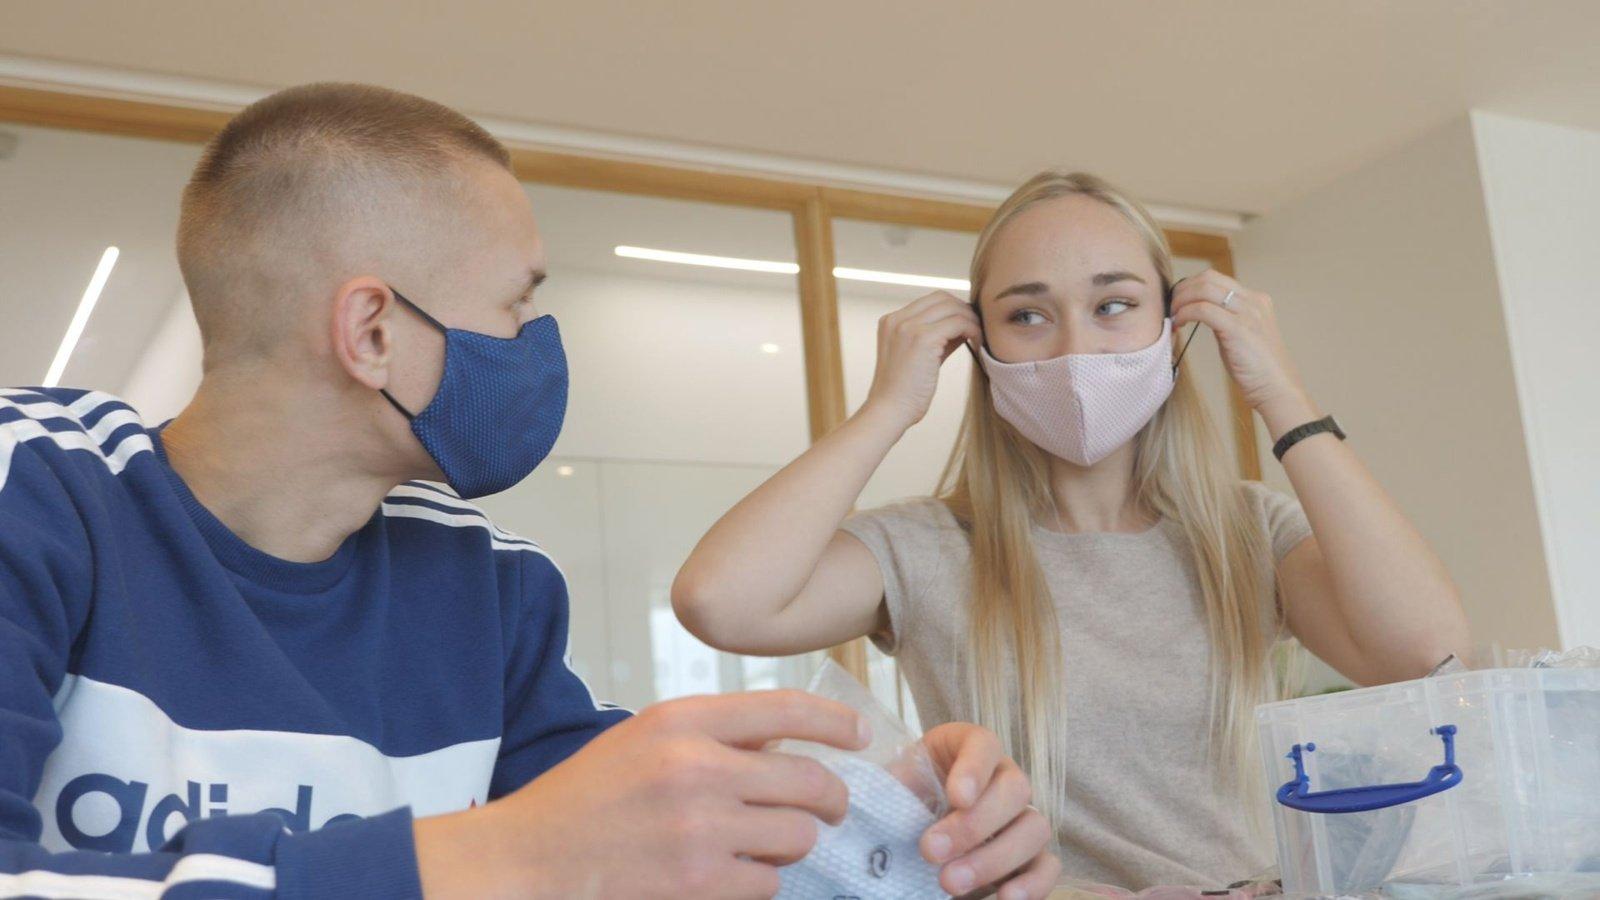 Londone lietuviai milijoninę apyvartą pasiekė pardavinėdami veido kaukes